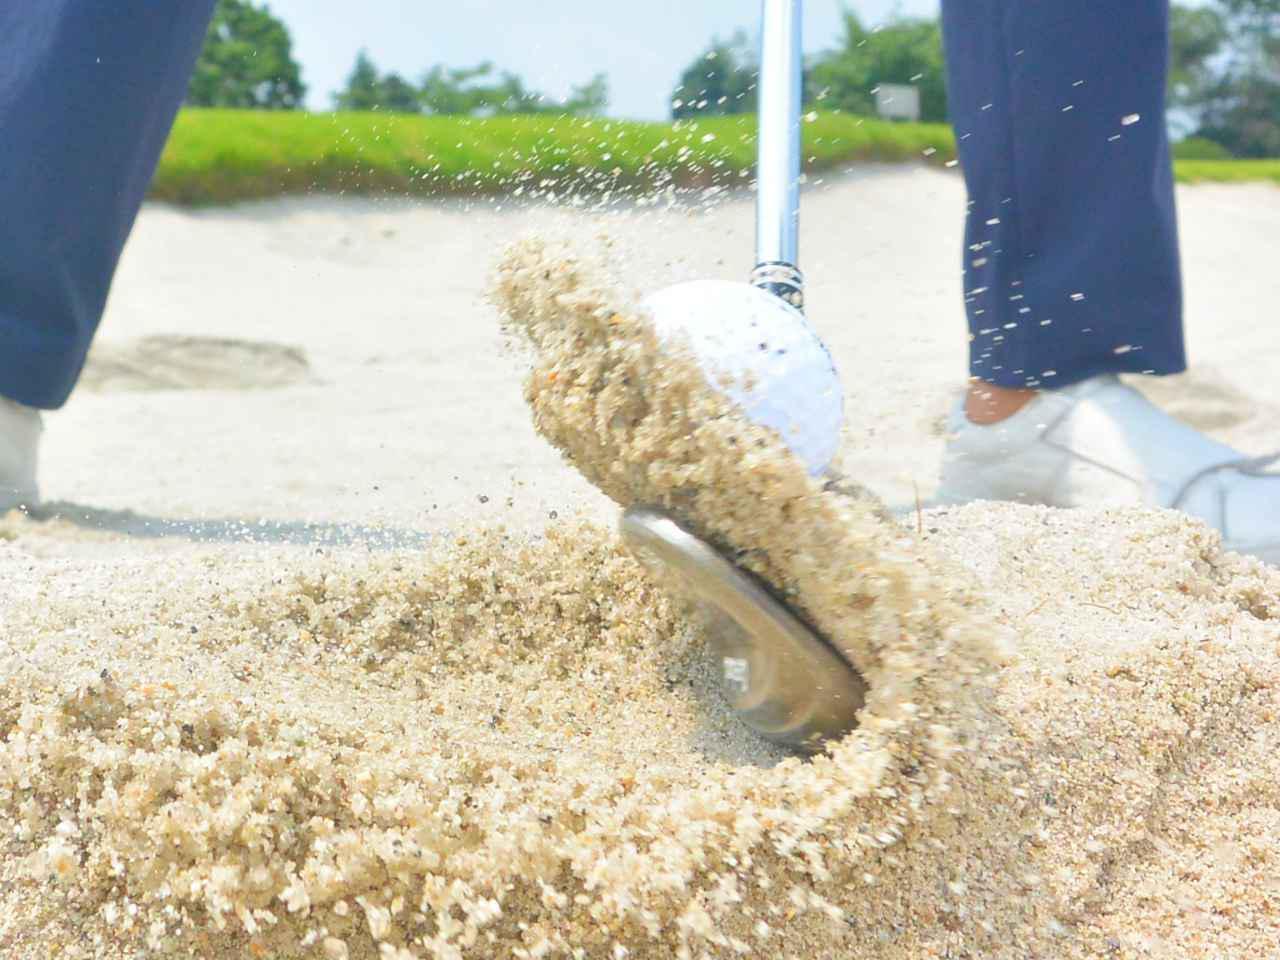 画像: バンカーショットと砂質別にサンドウェッジを大分類